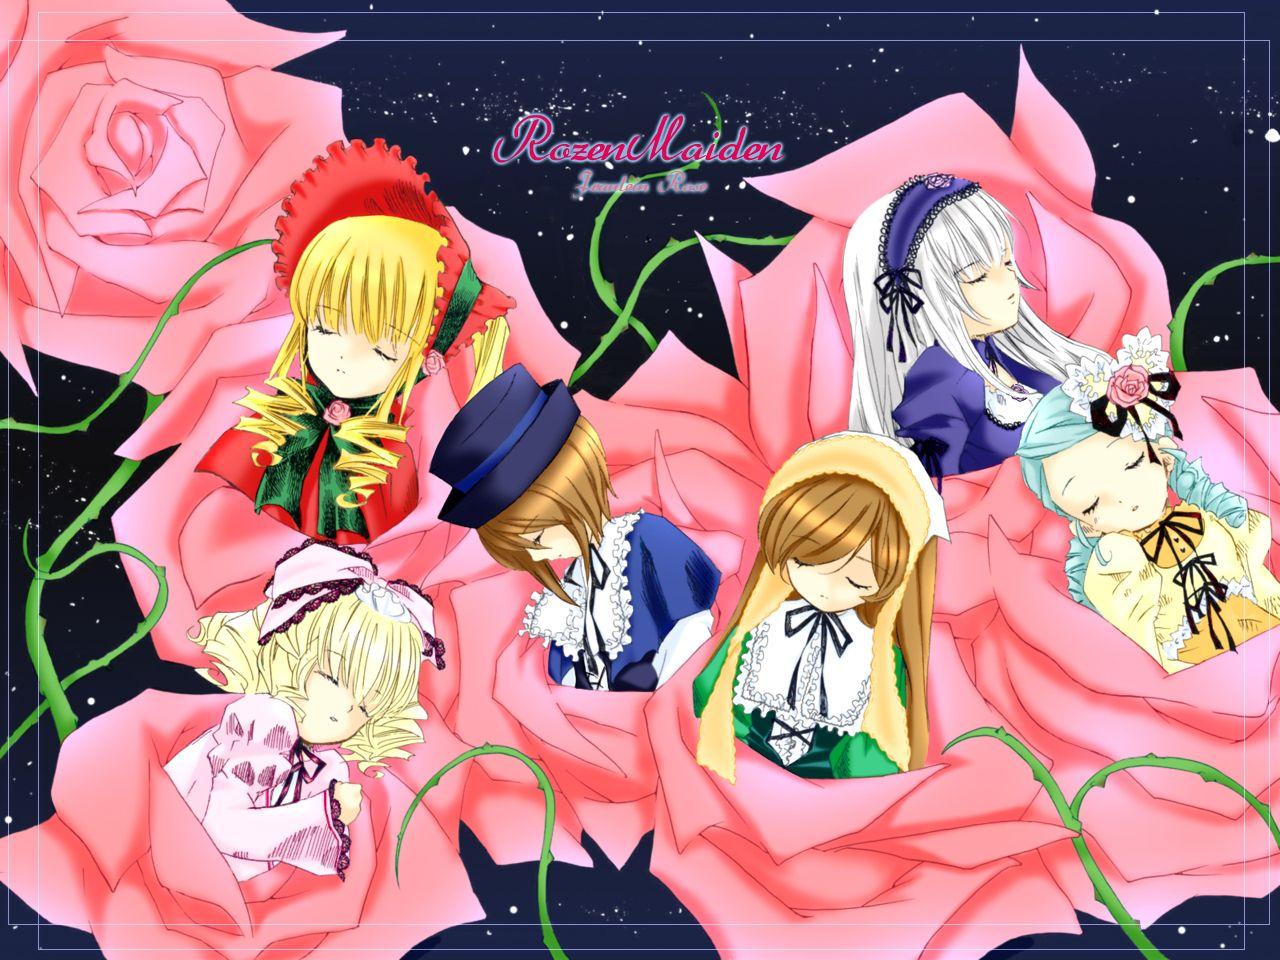 Konachan.com - 48191 hina_ichigo kanaria rozen_maiden shinku souseiseki suigintou suiseiseki